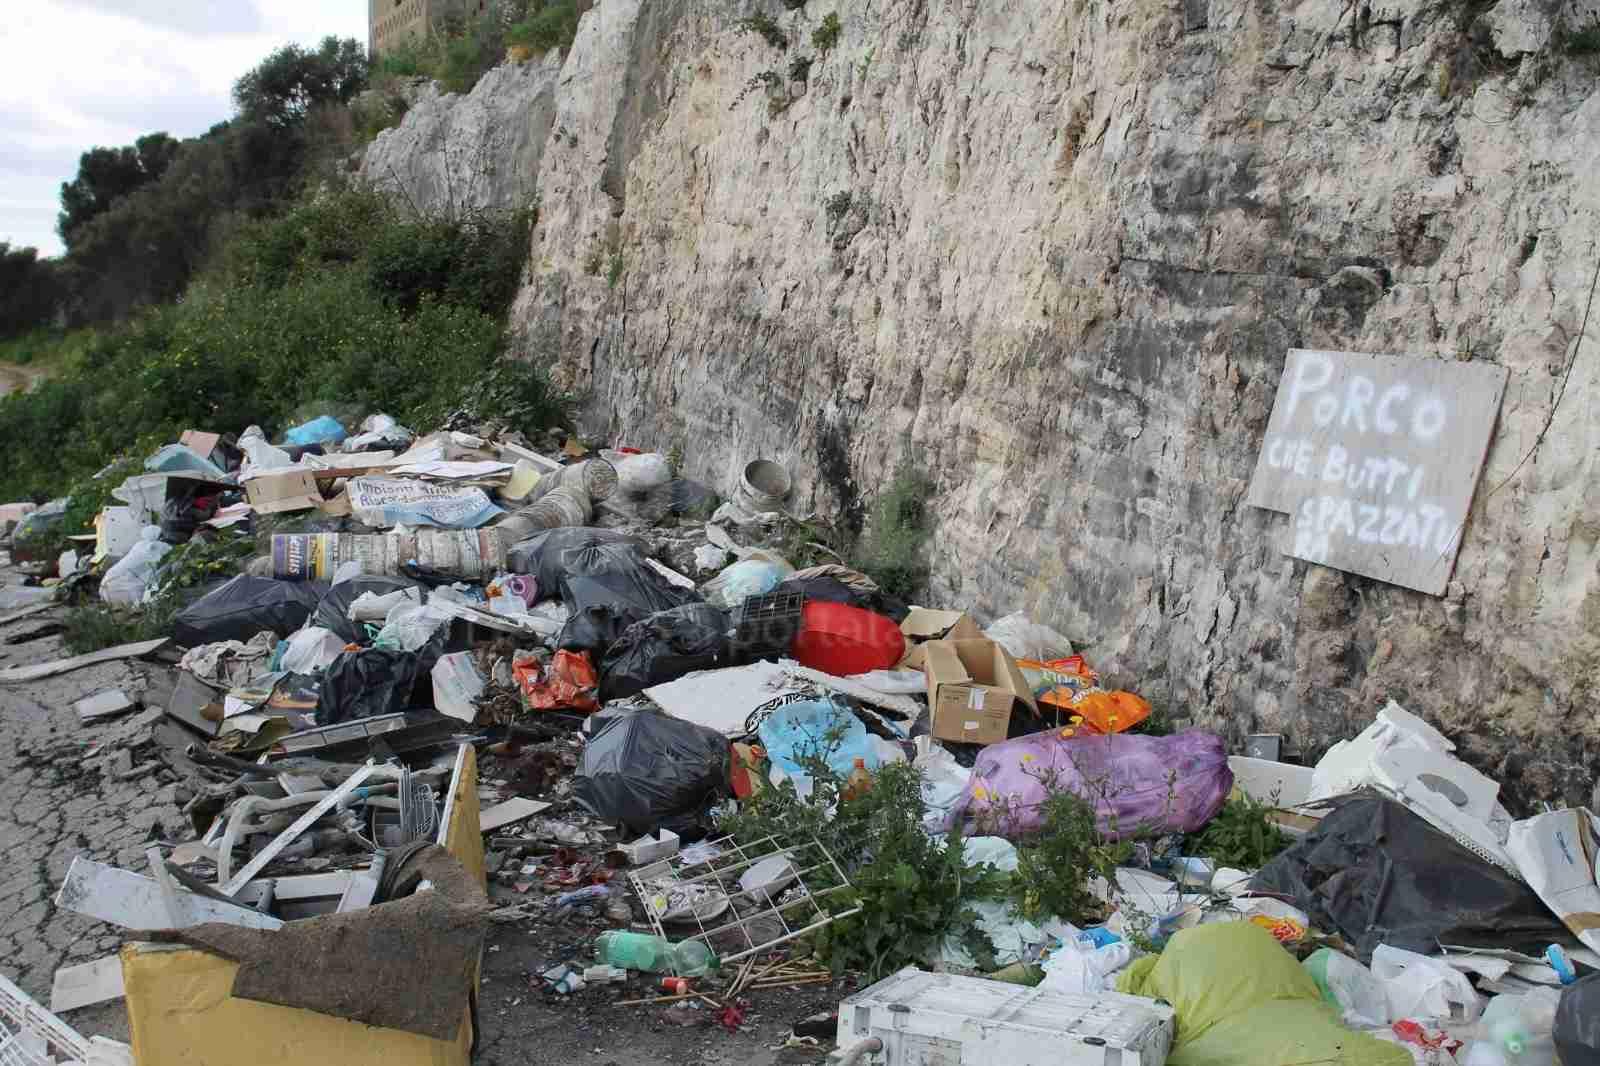 Contrada Tagliati immersa tra i rifiuti e quel cartello che ha ragione